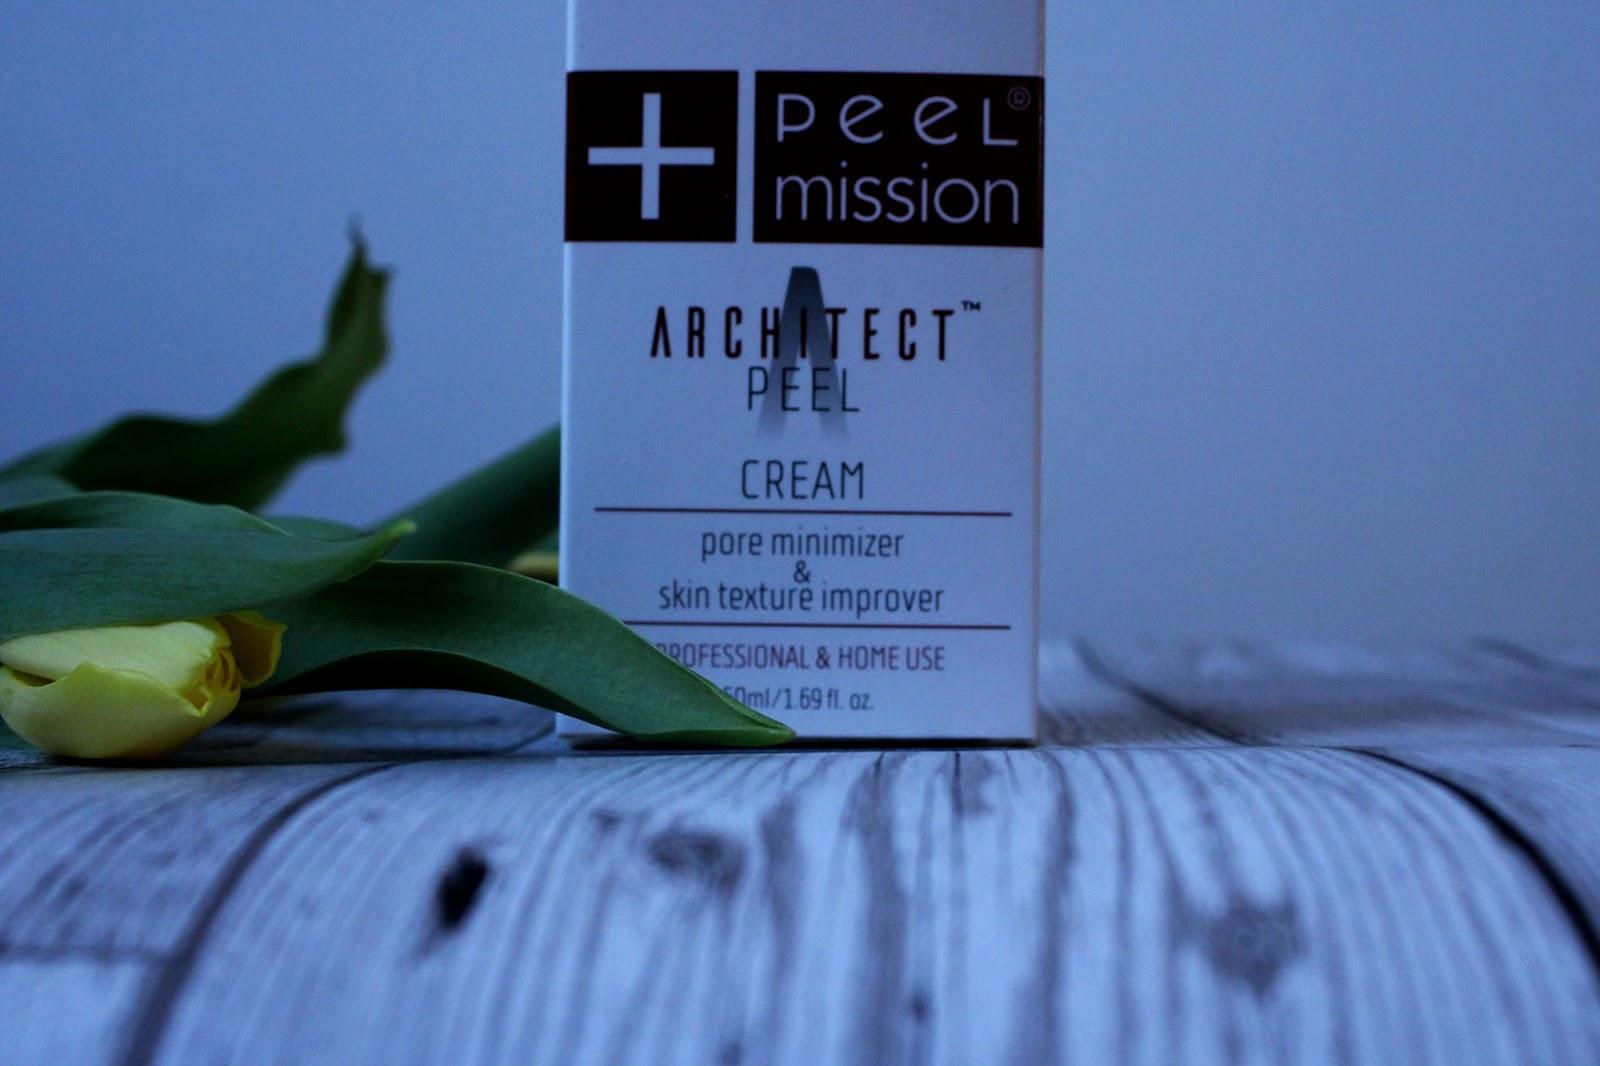 PEEL MISSION architect peel